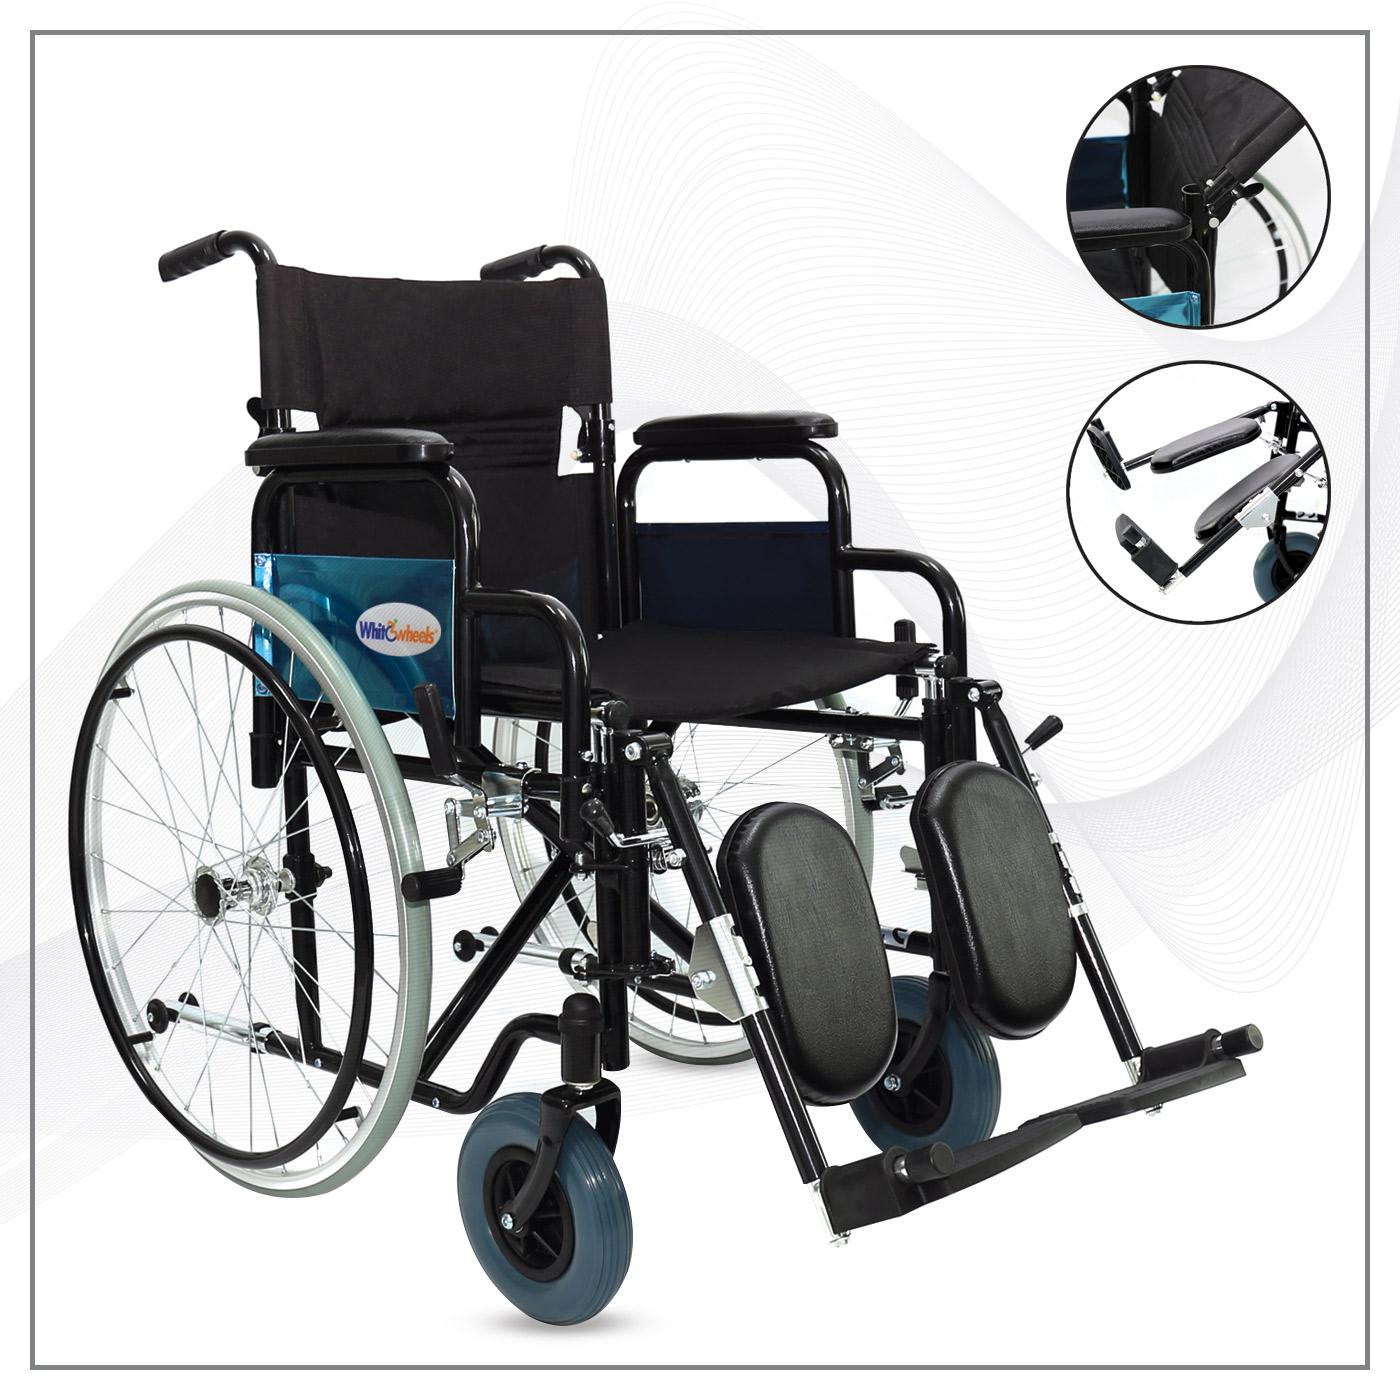 bc Tıp Sağlık Tekerlekli Sandalye ve Oturaklar AL 08-04 B